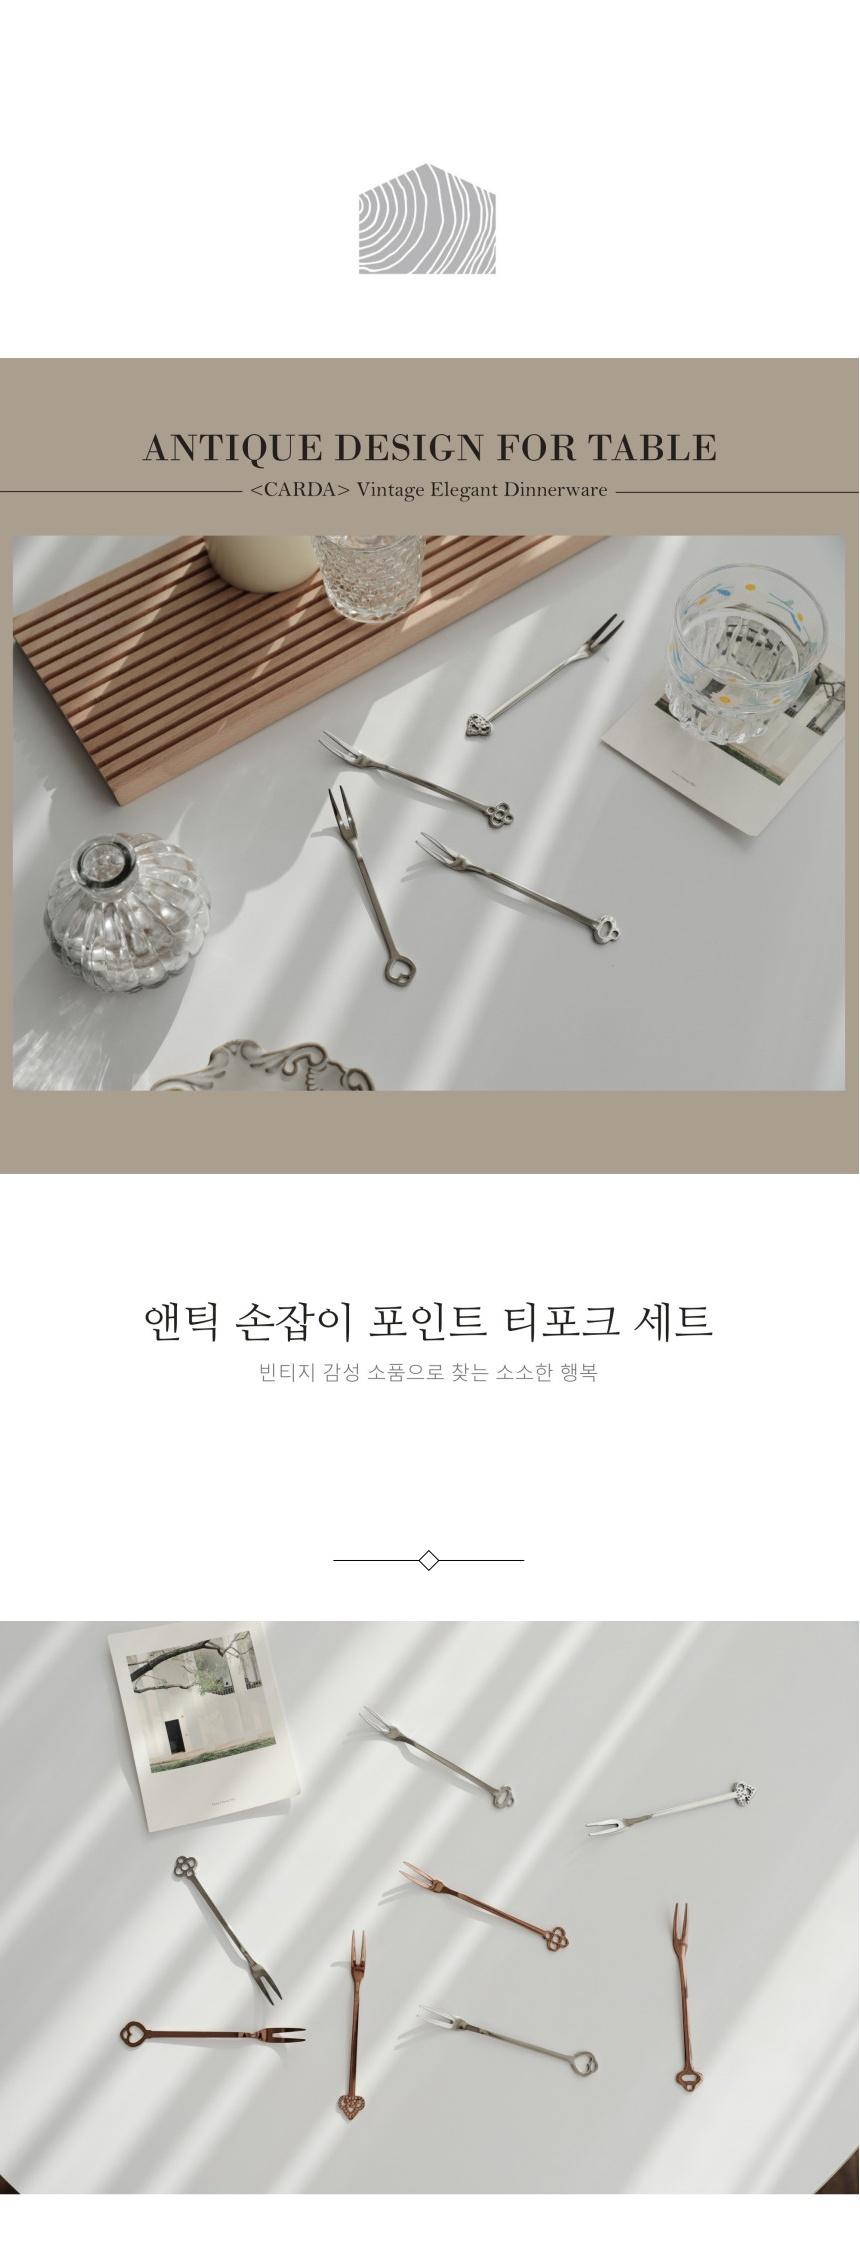 antique_handlepoint_fork_set_01.jpg